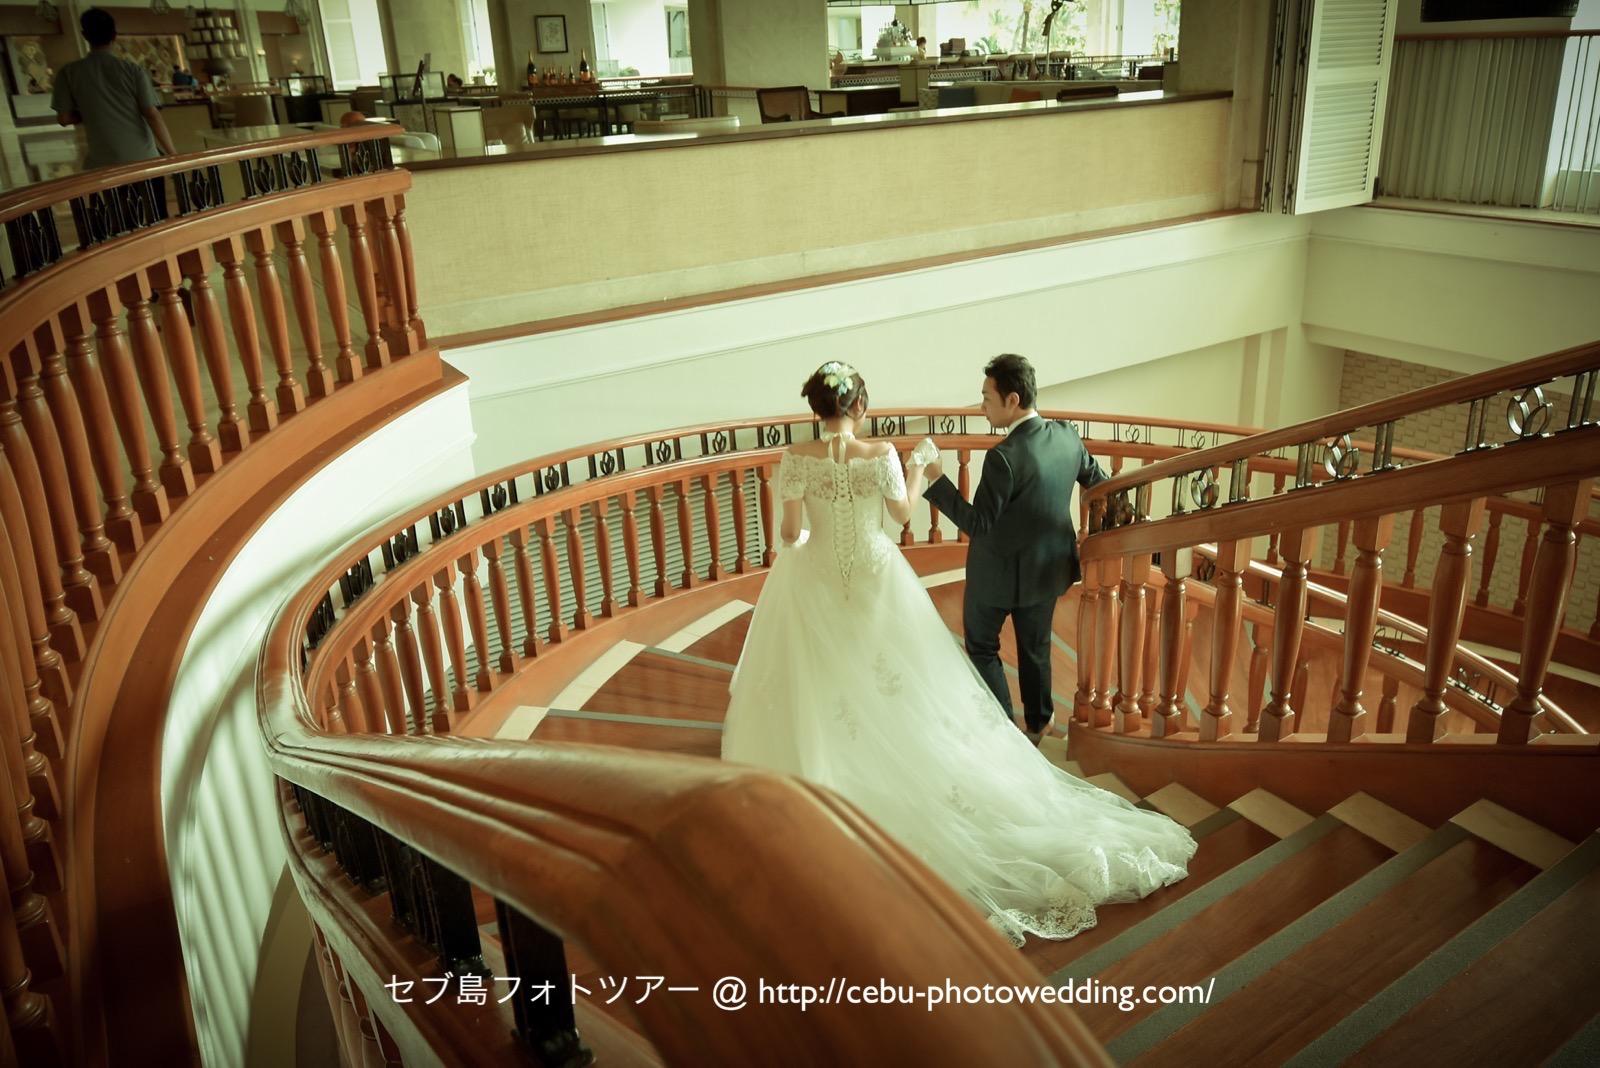 シャングリラセブで前撮り 螺旋階段